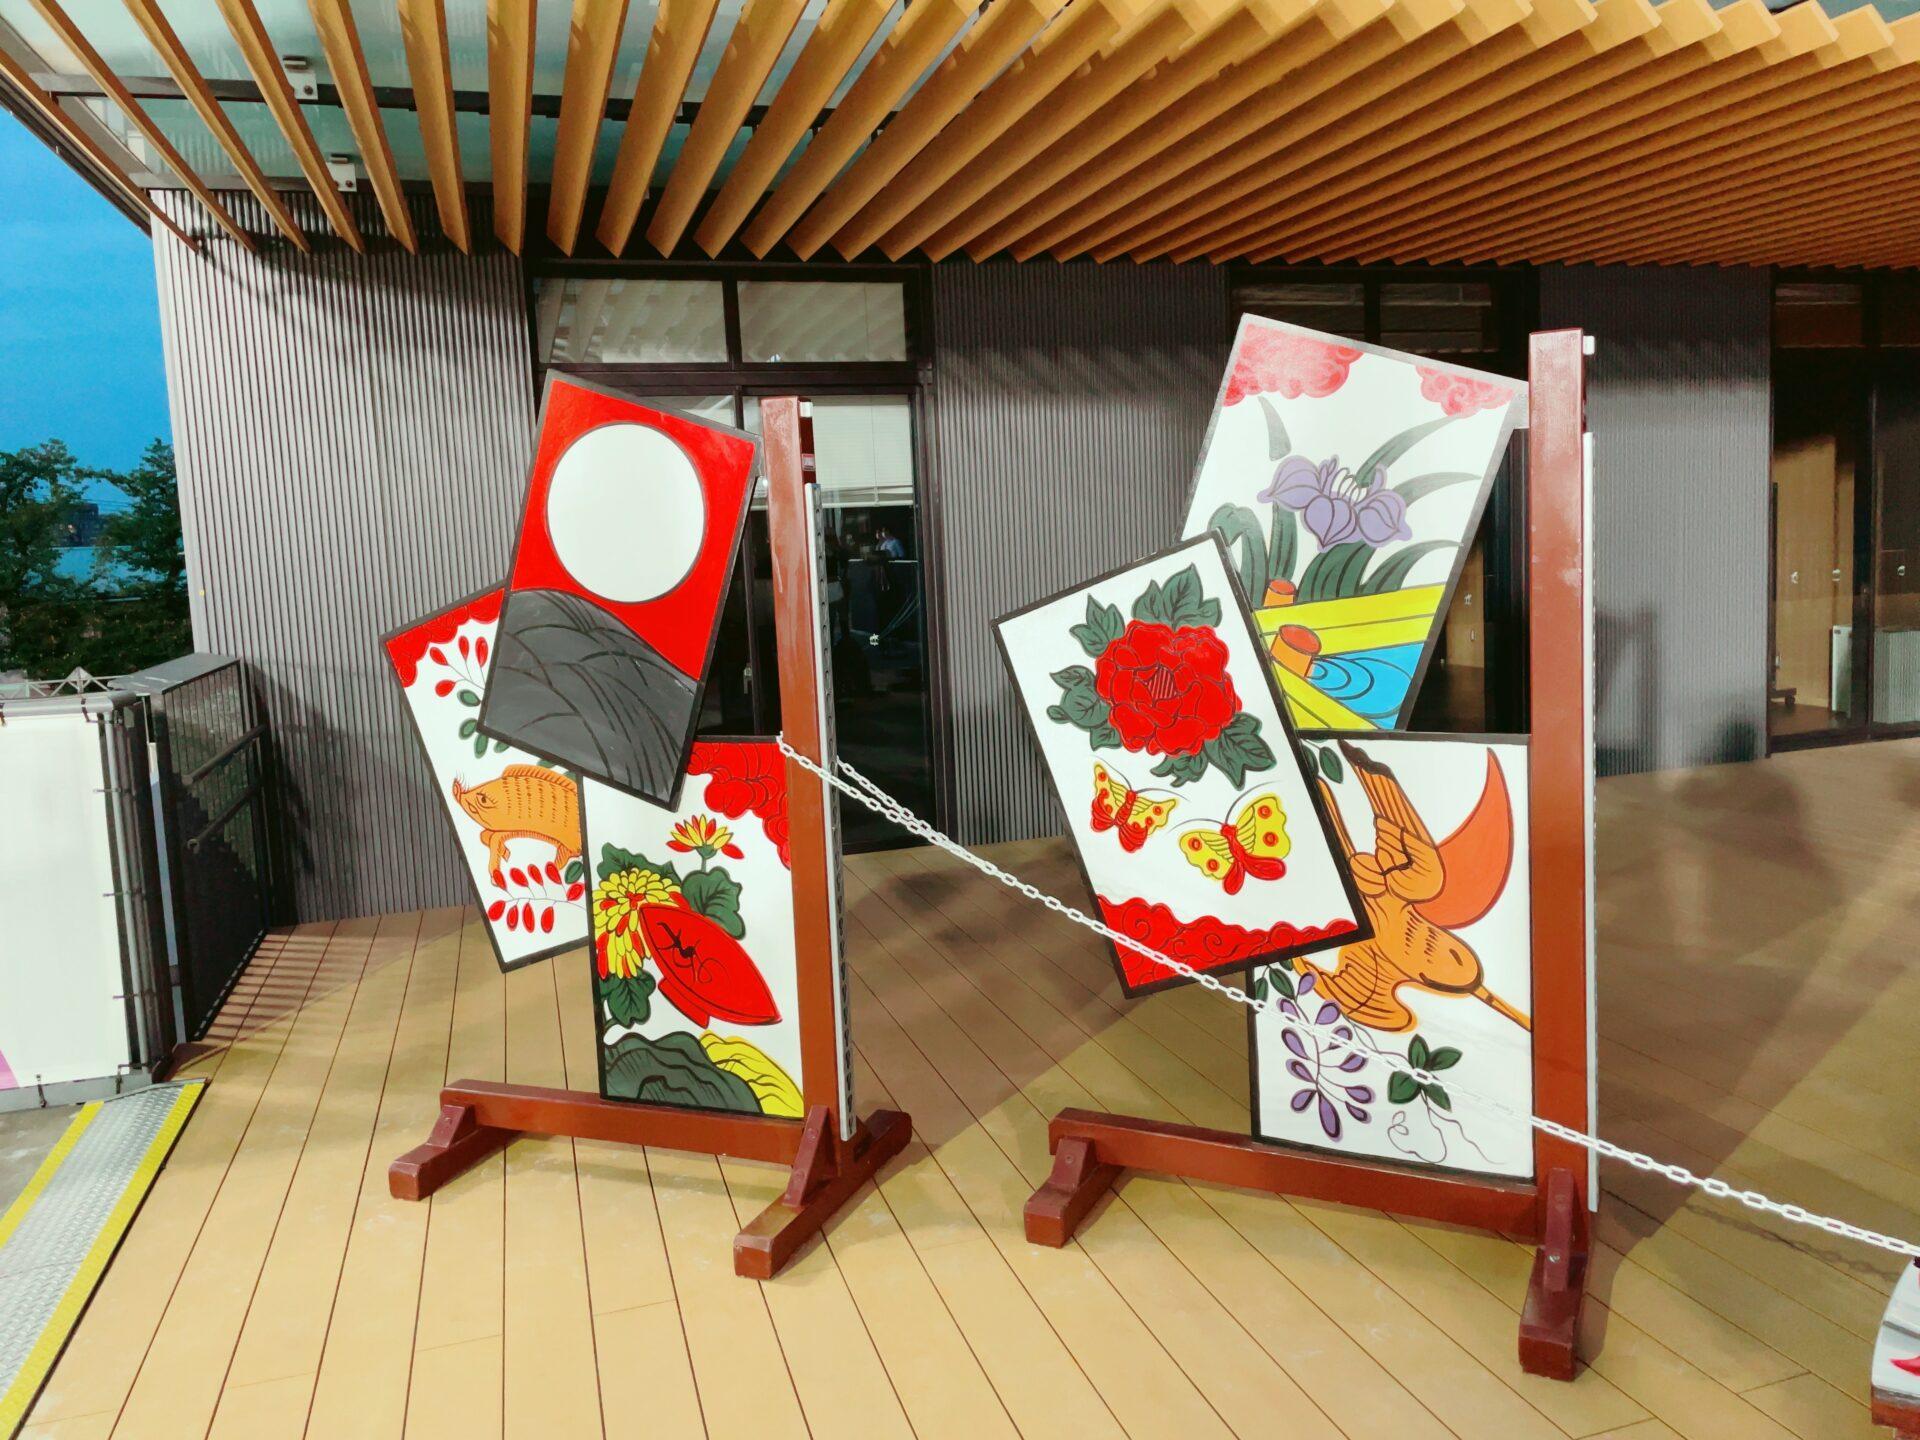 馬事公苑の東京オリンピック馬術競技の障害 花札